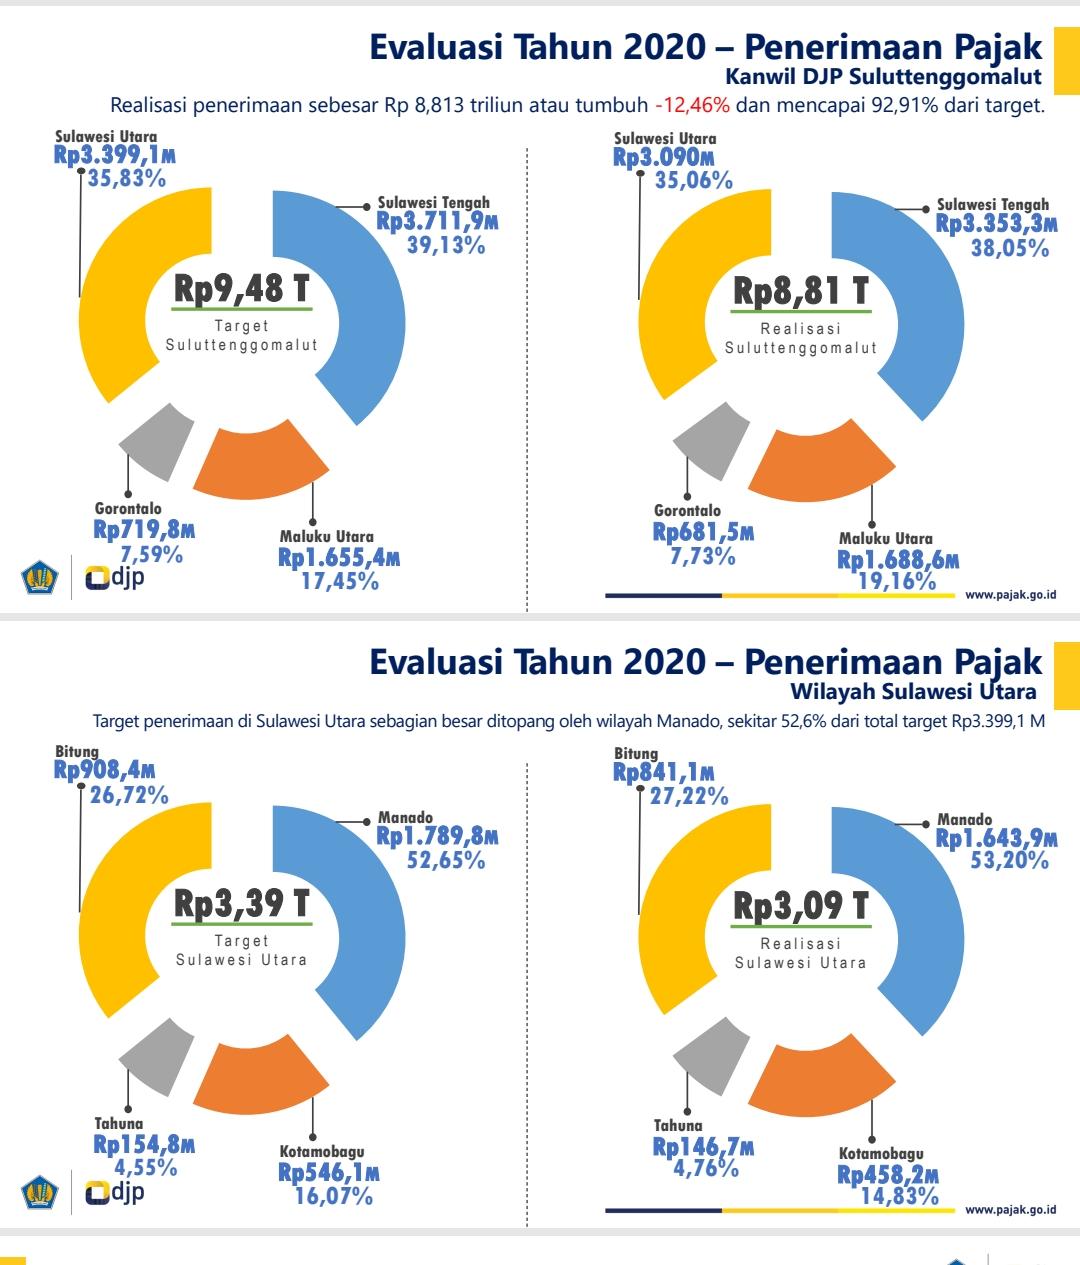 Evaluasi Penerimaan Pajak 2020,  Kanwil DJP Sulutenggomalut